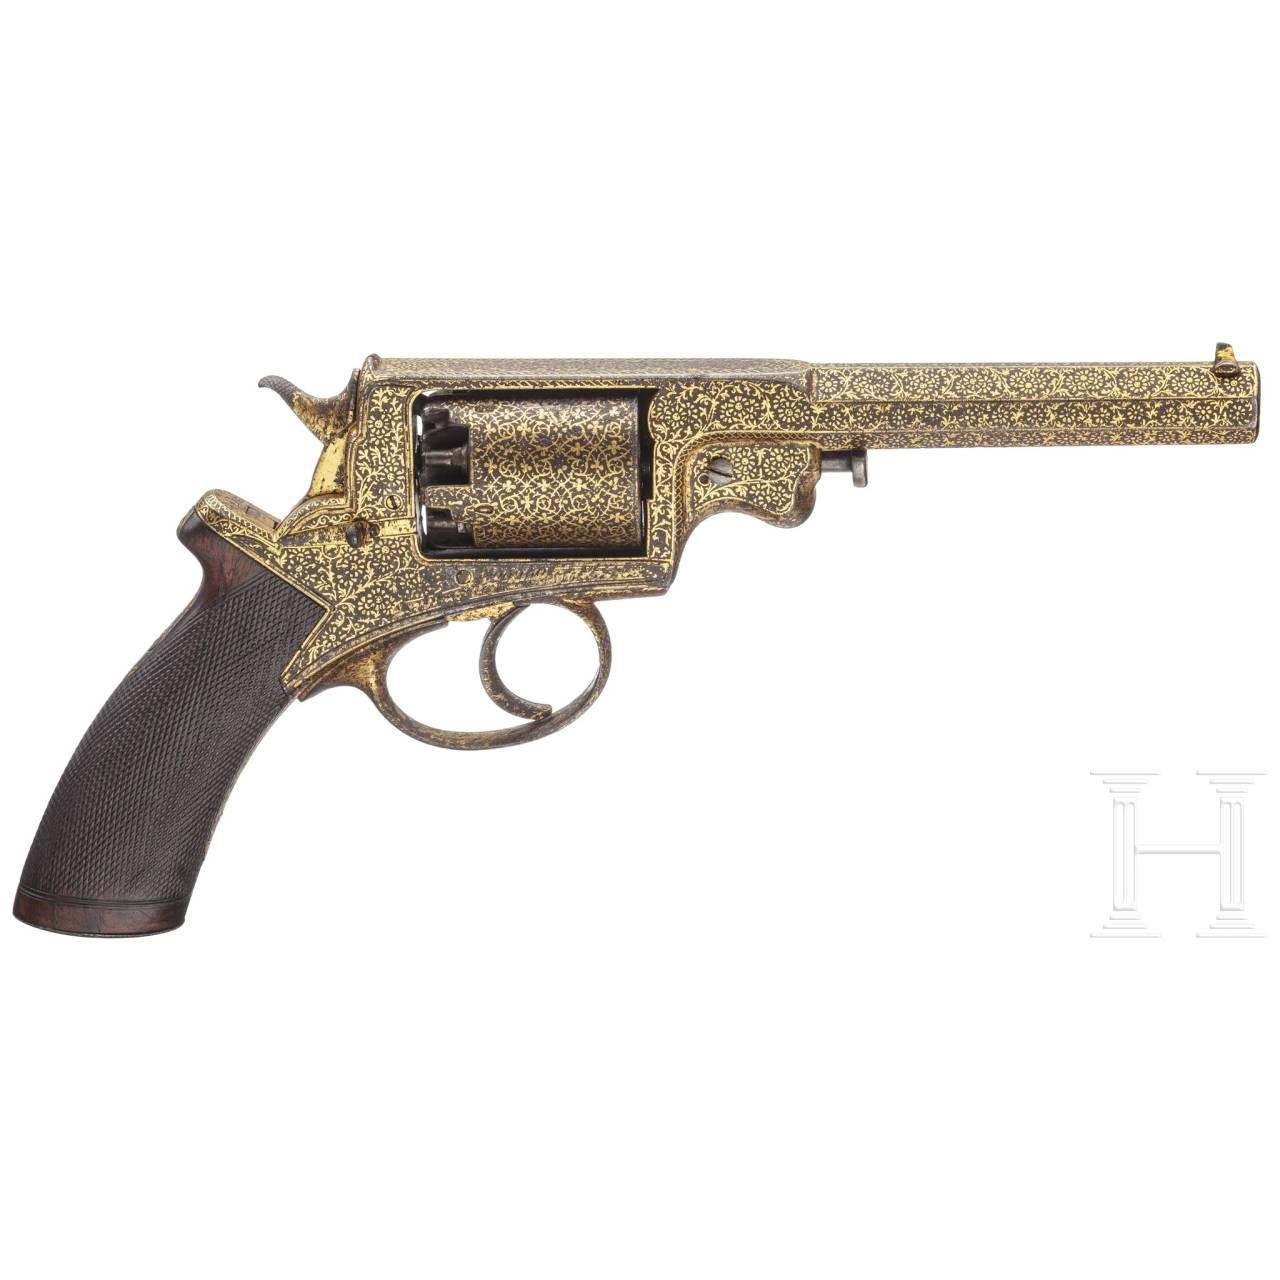 Goldtauschierter Revolver System Adams im Kasten, dazu ein Säbel Pattern 1822 für Offiziere der Schweren Kavallerie, England 1867